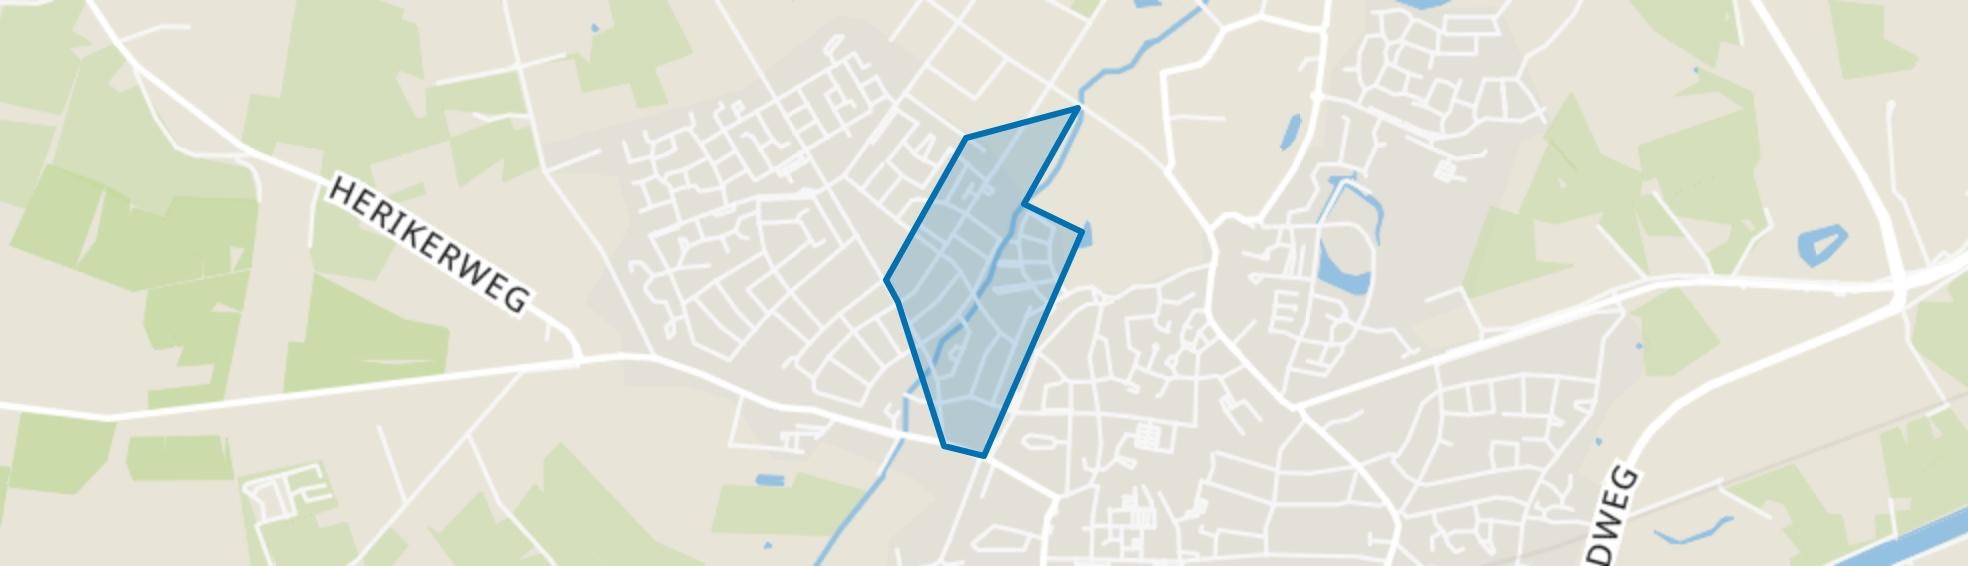 De Whee I, Goor map